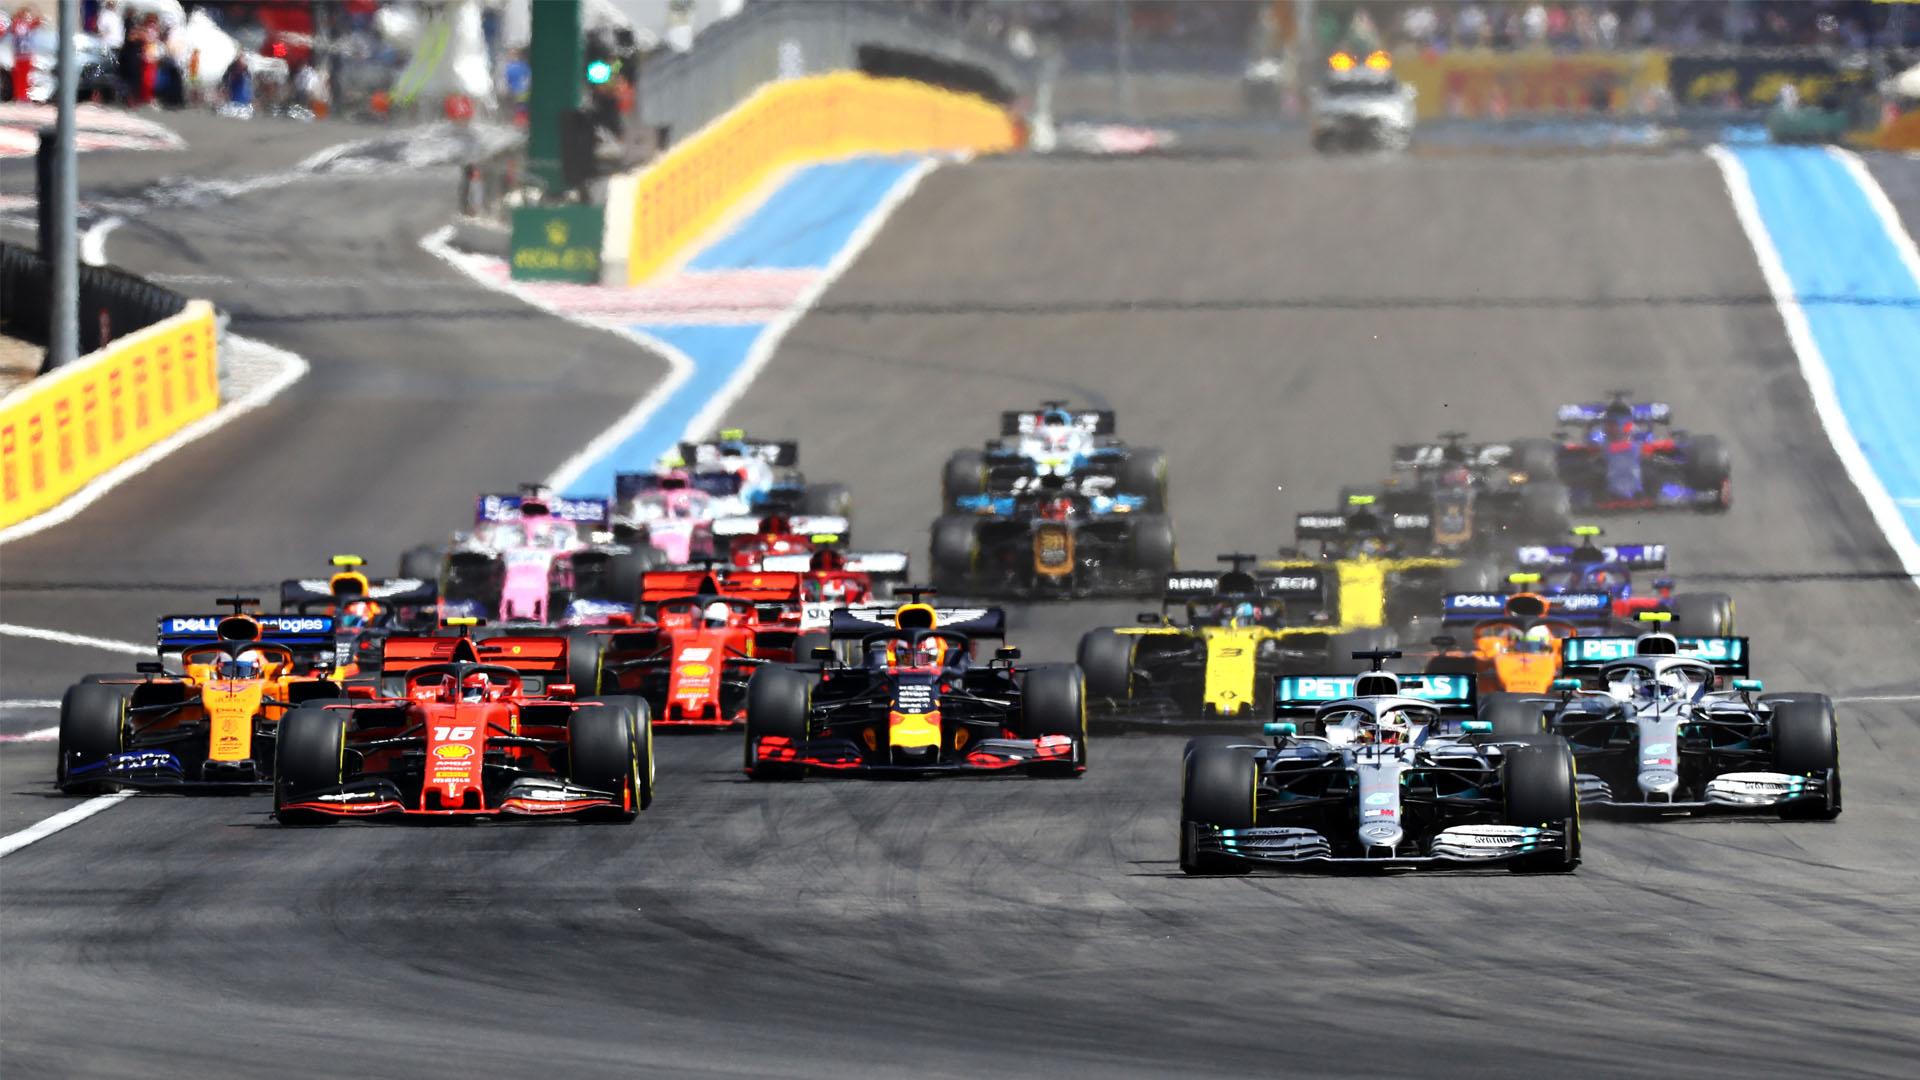 F1 2020 Schedule – The 2020 F1 Race Calendar, Pre-Season